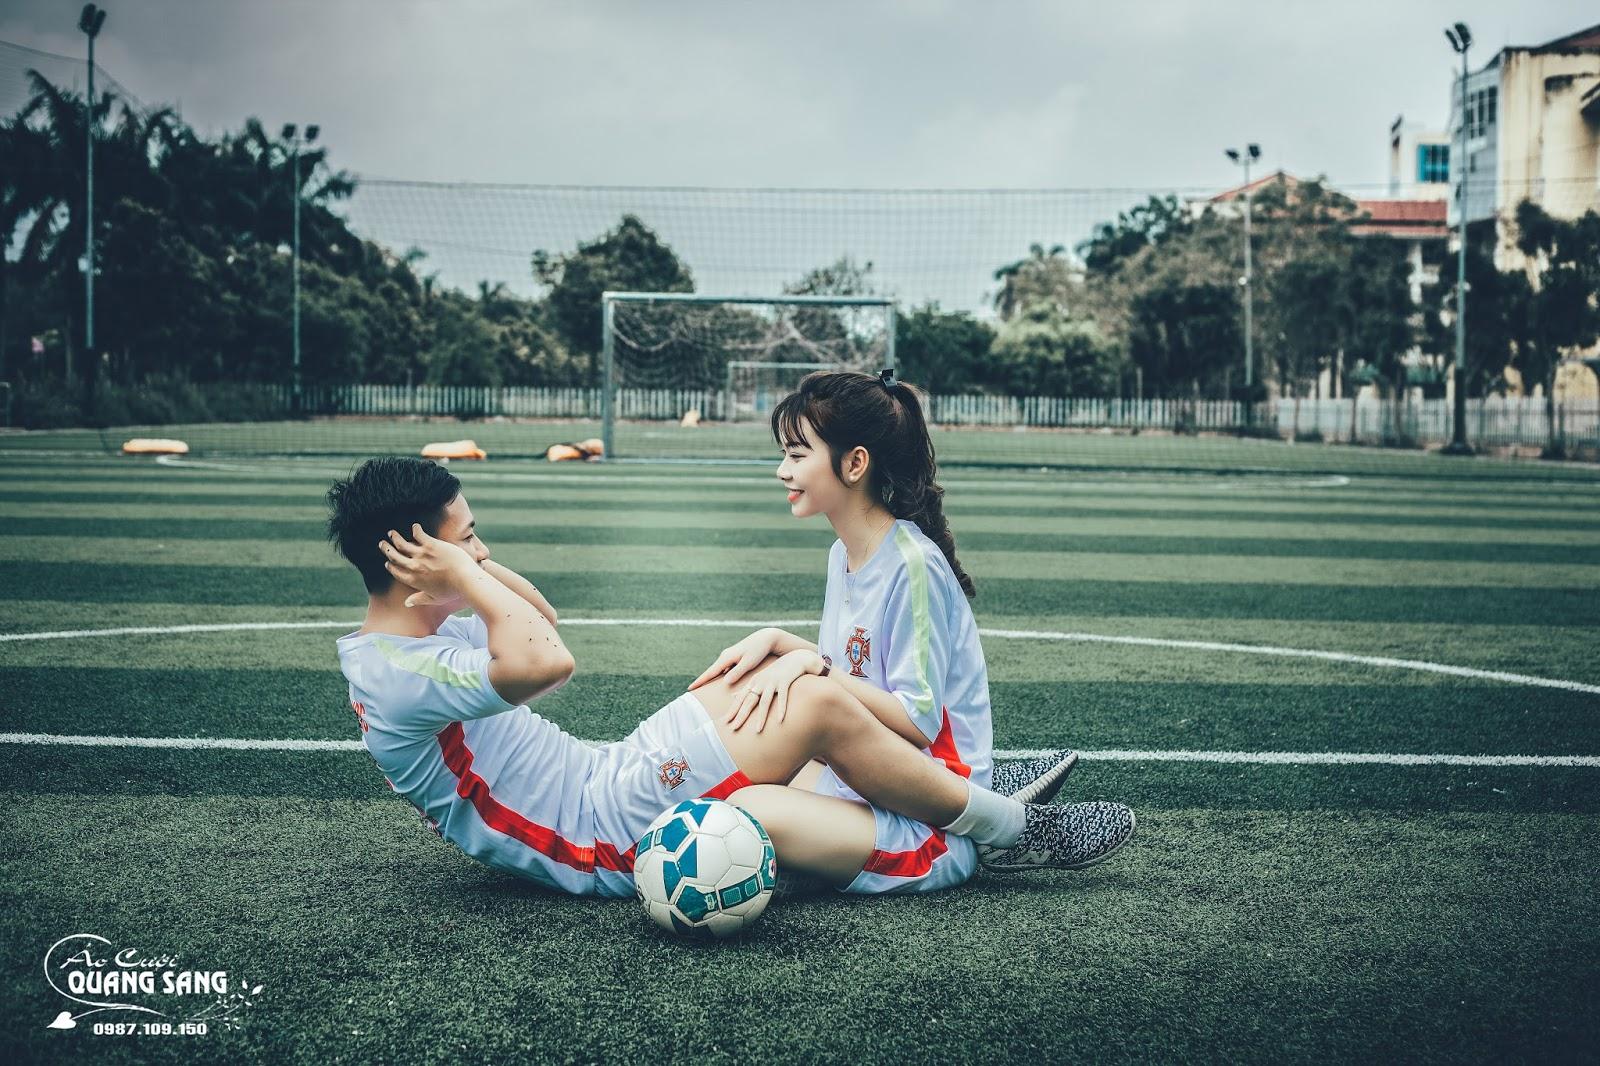 Bộ ảnh của cặp đôi được thực hiện theo cách độc đáo, thể hiện niềm đam mê bất tận với trái bóng tròn, đặc biệt với môn Bóng Đá \u2013 một môn ...